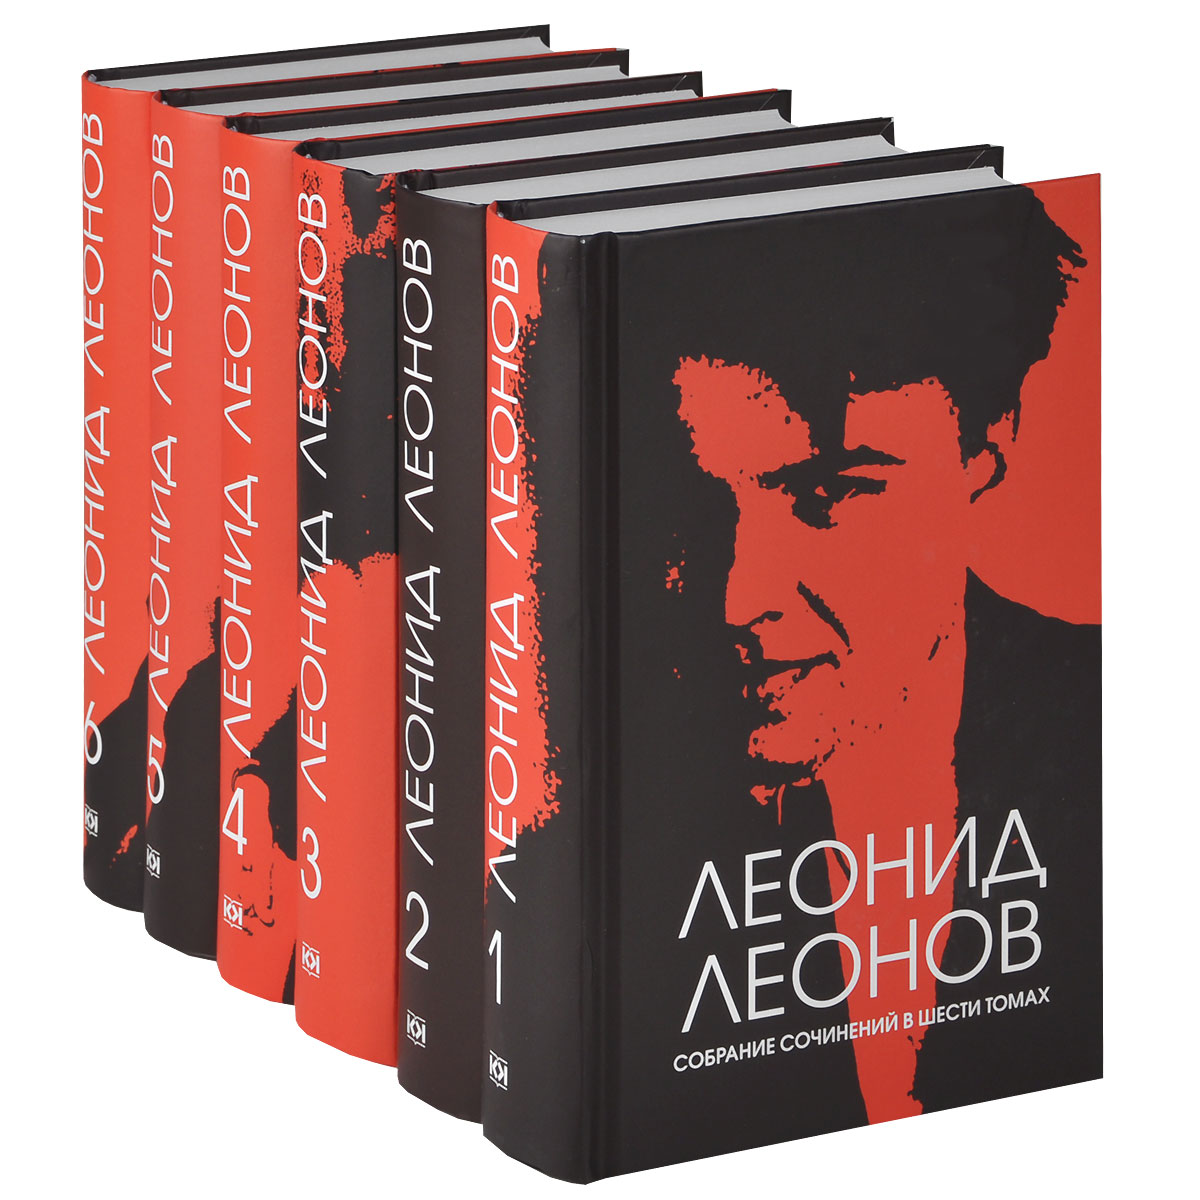 Леонид Леонов Леонид Леонов. Собрание сочинений (комплект из 6 книг)